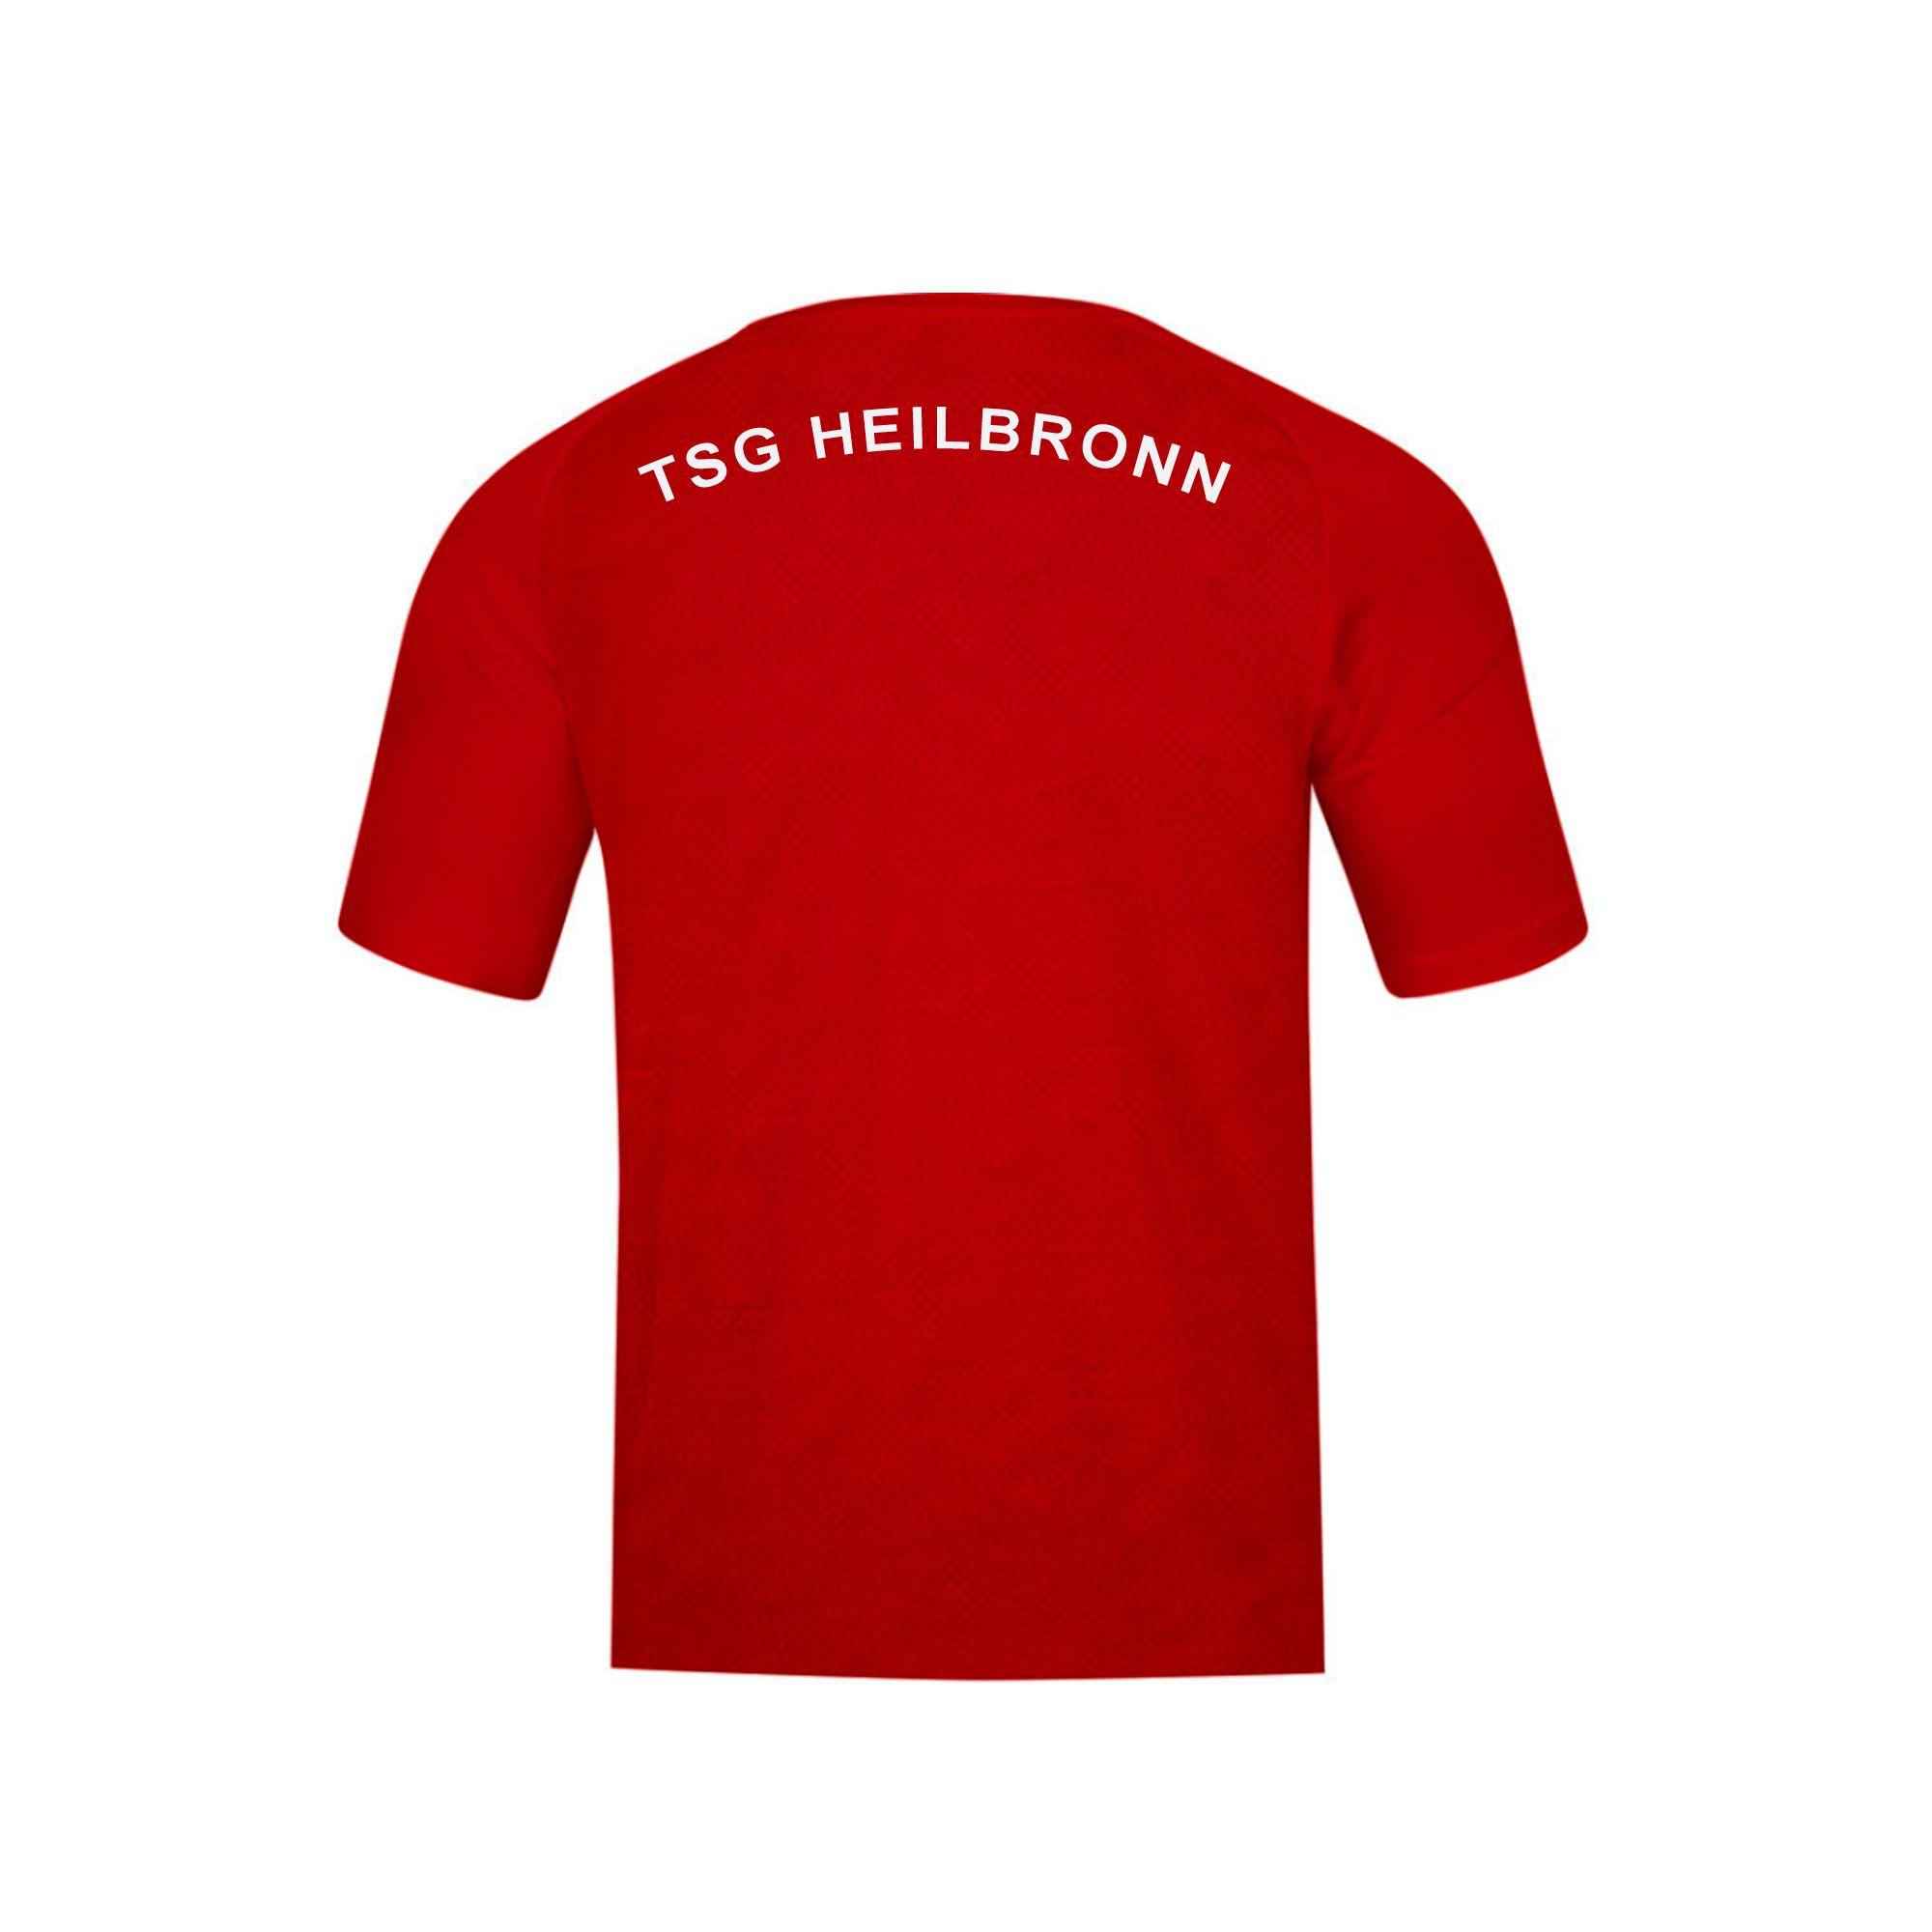 Tsg Heilbronn